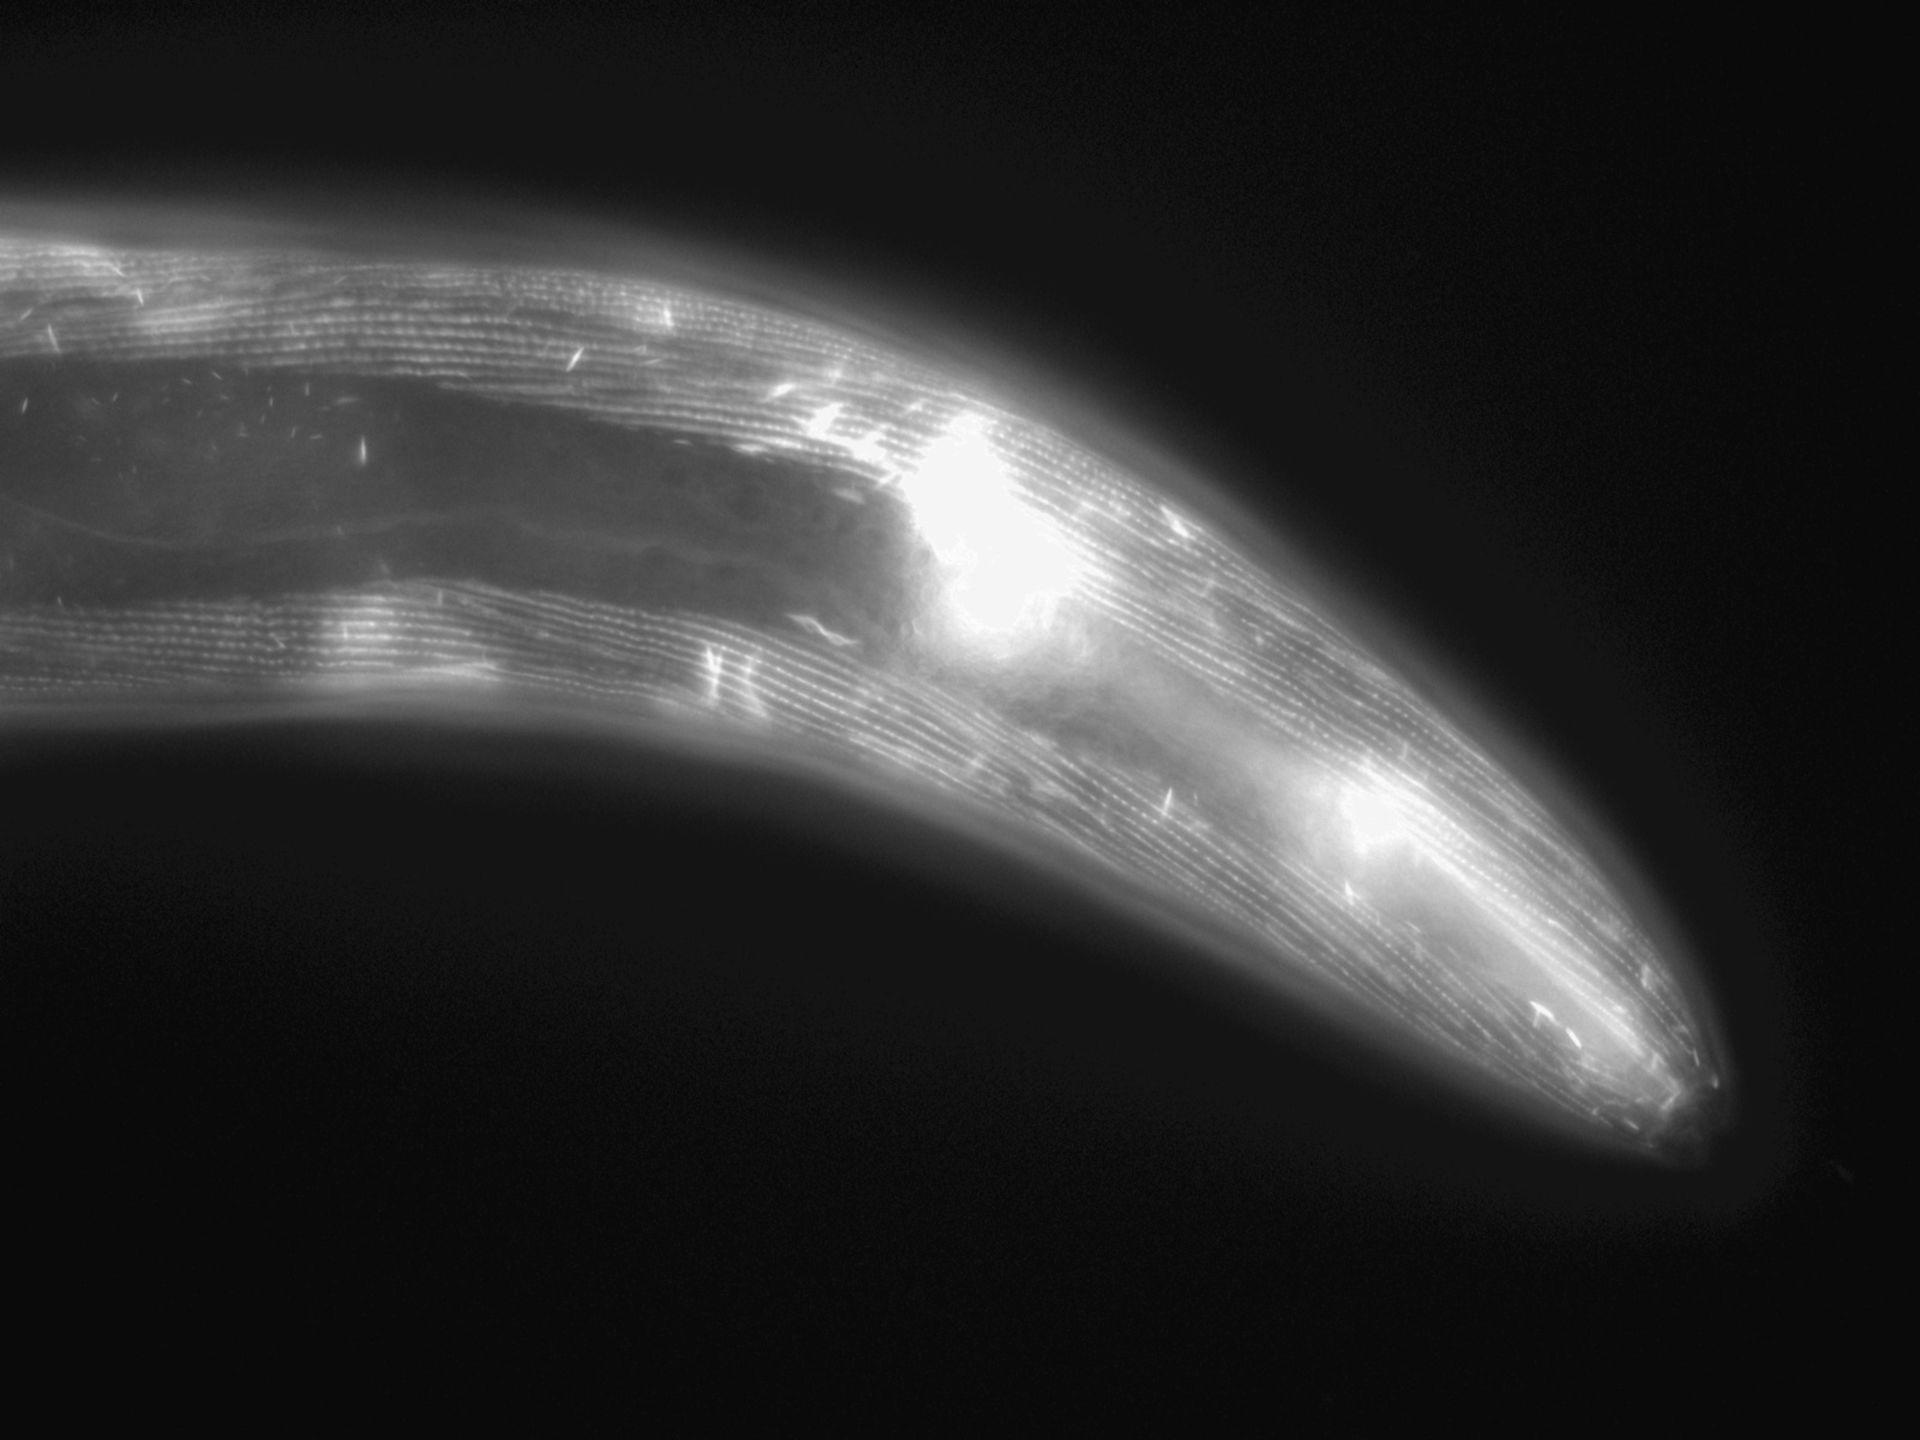 Caenorhabditis elegans (Actin filament) - CIL:1040